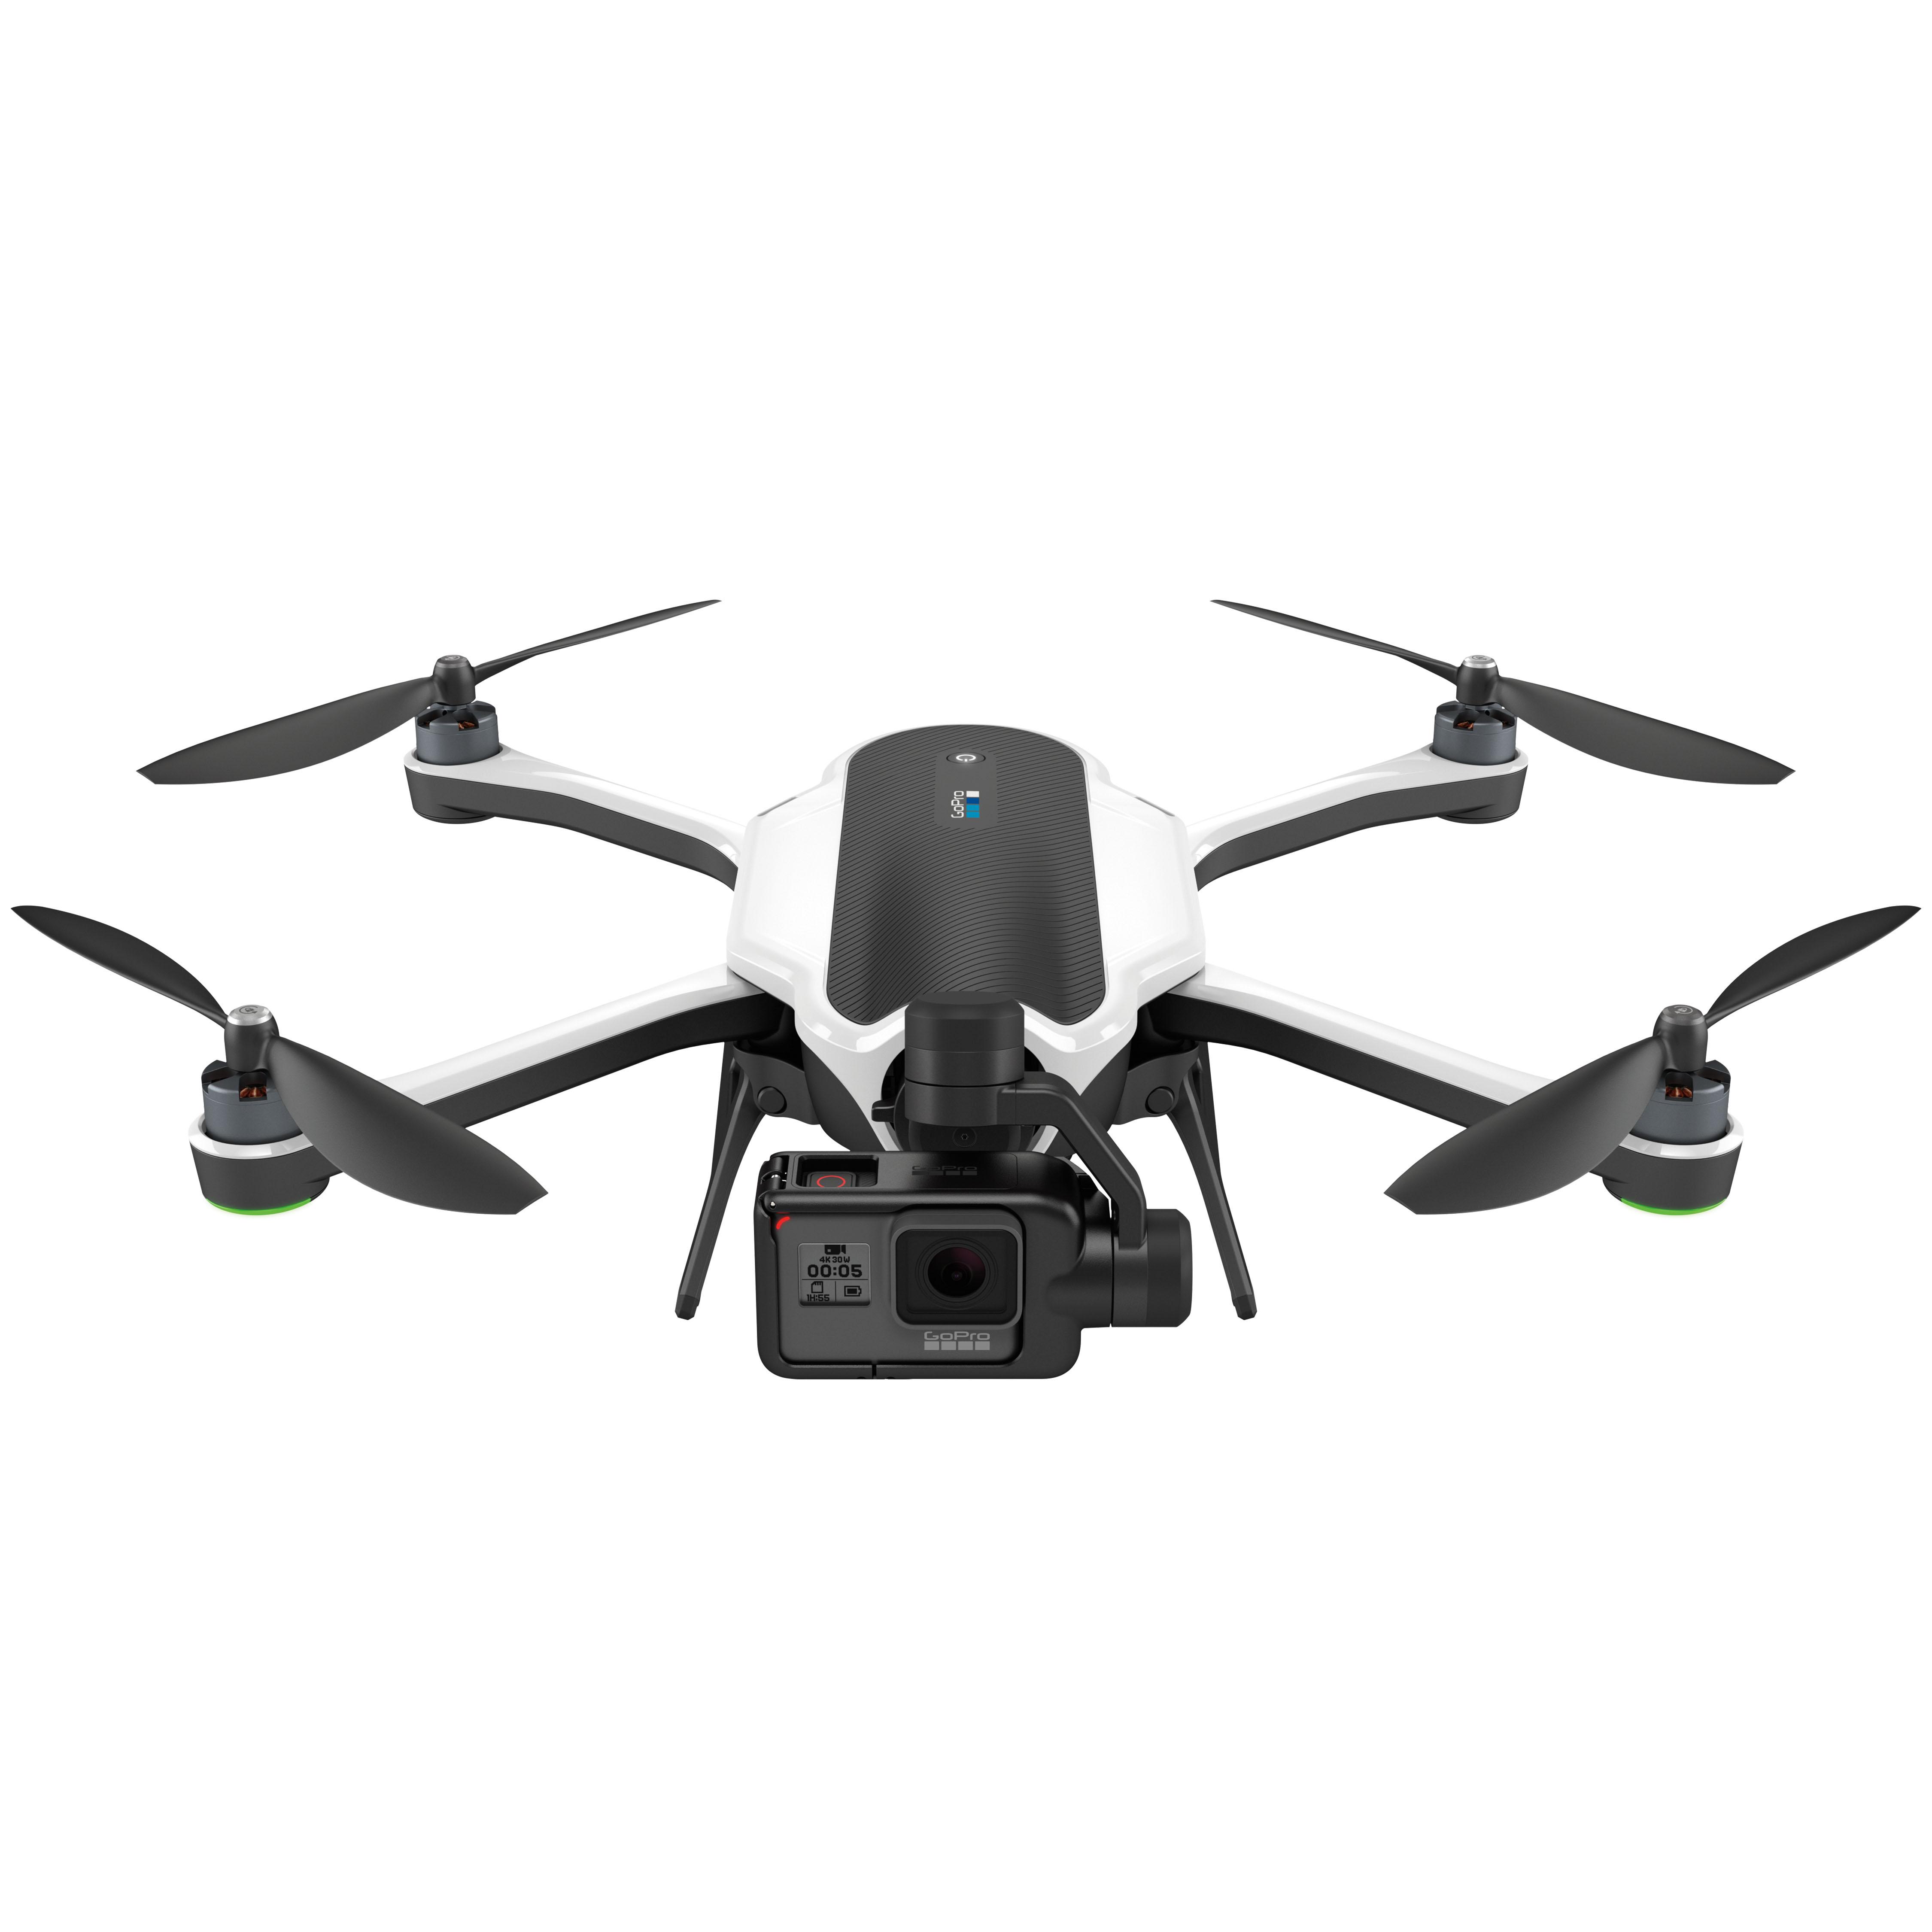 Die neue GoPro Karma Drone